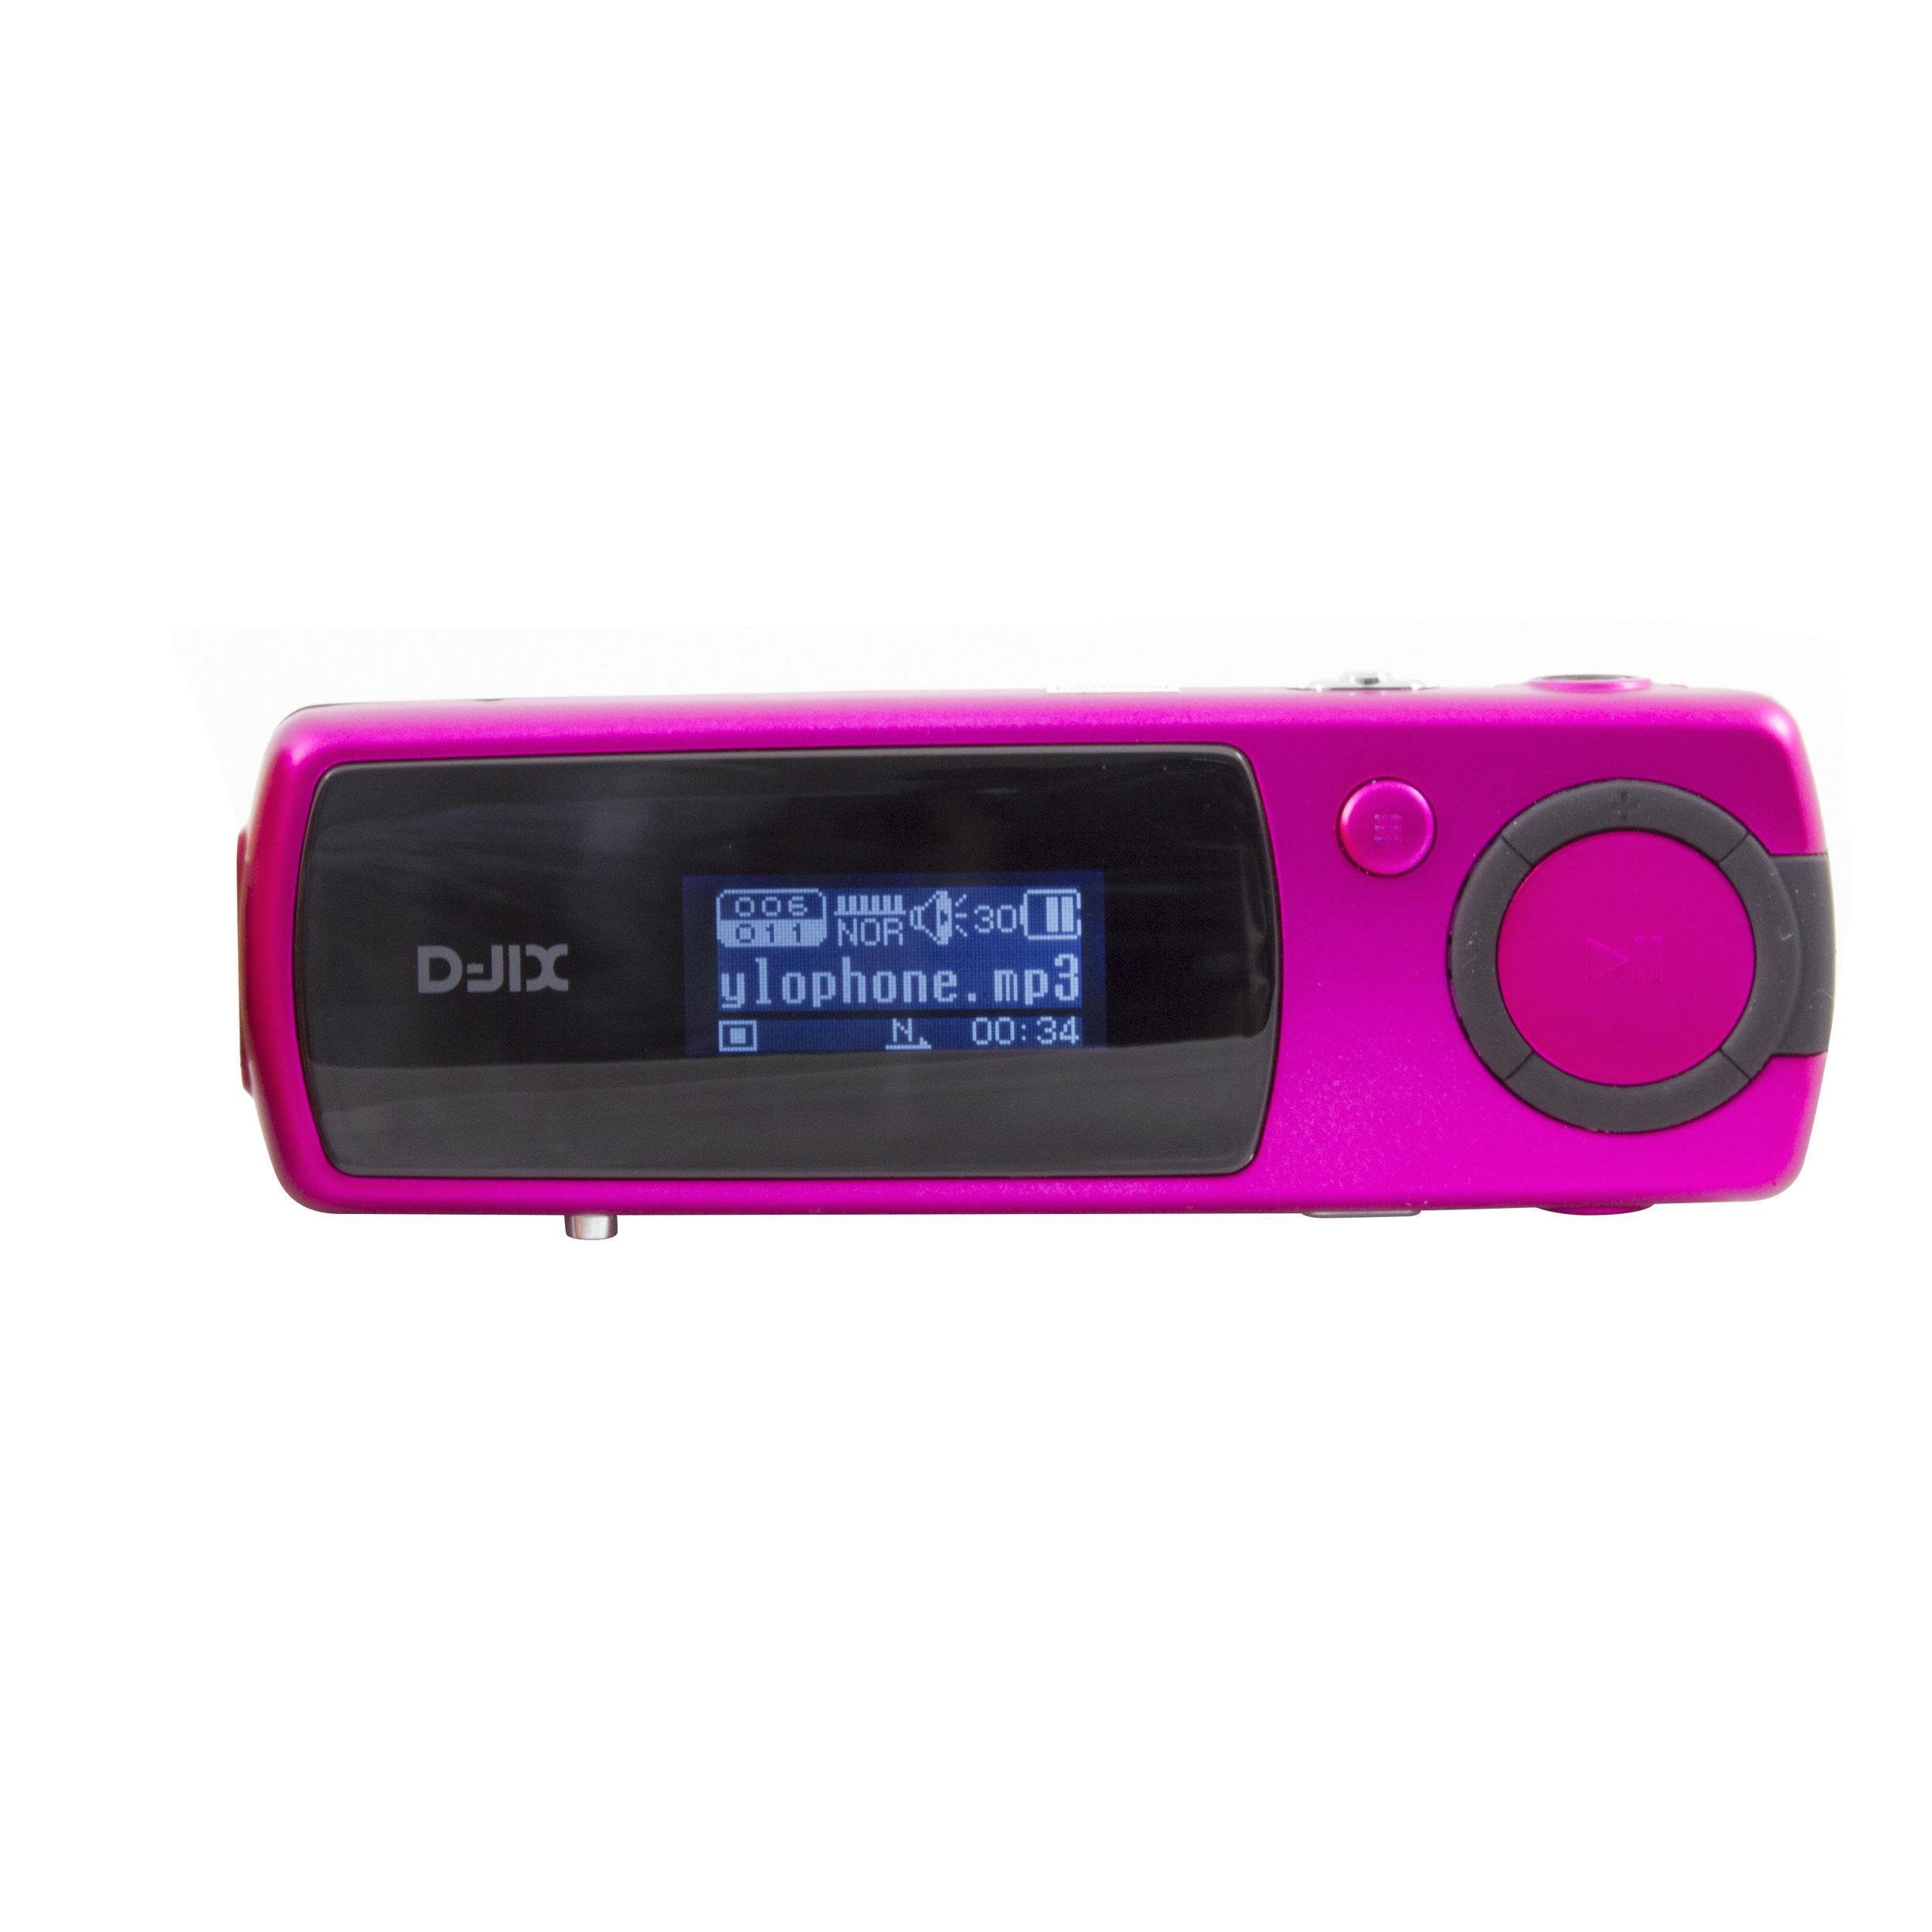 D-JIx Yuno 20 - Lecteur MP3/Dictaphone double prise jack - 2Go